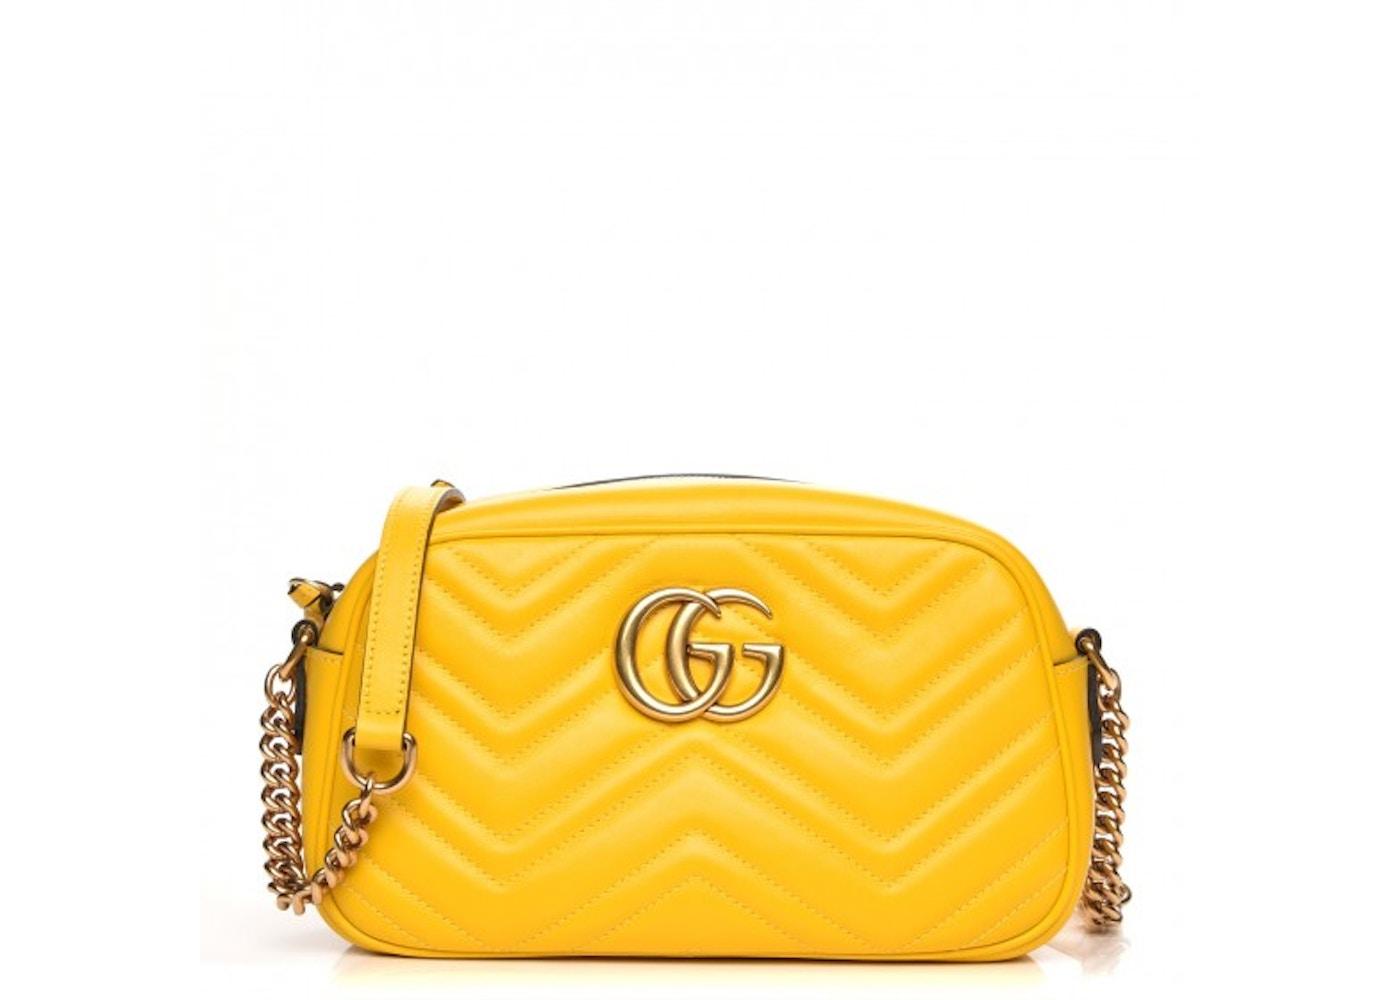 Gucci Marmont Camera Bag Matelasse Gg Small Yellow